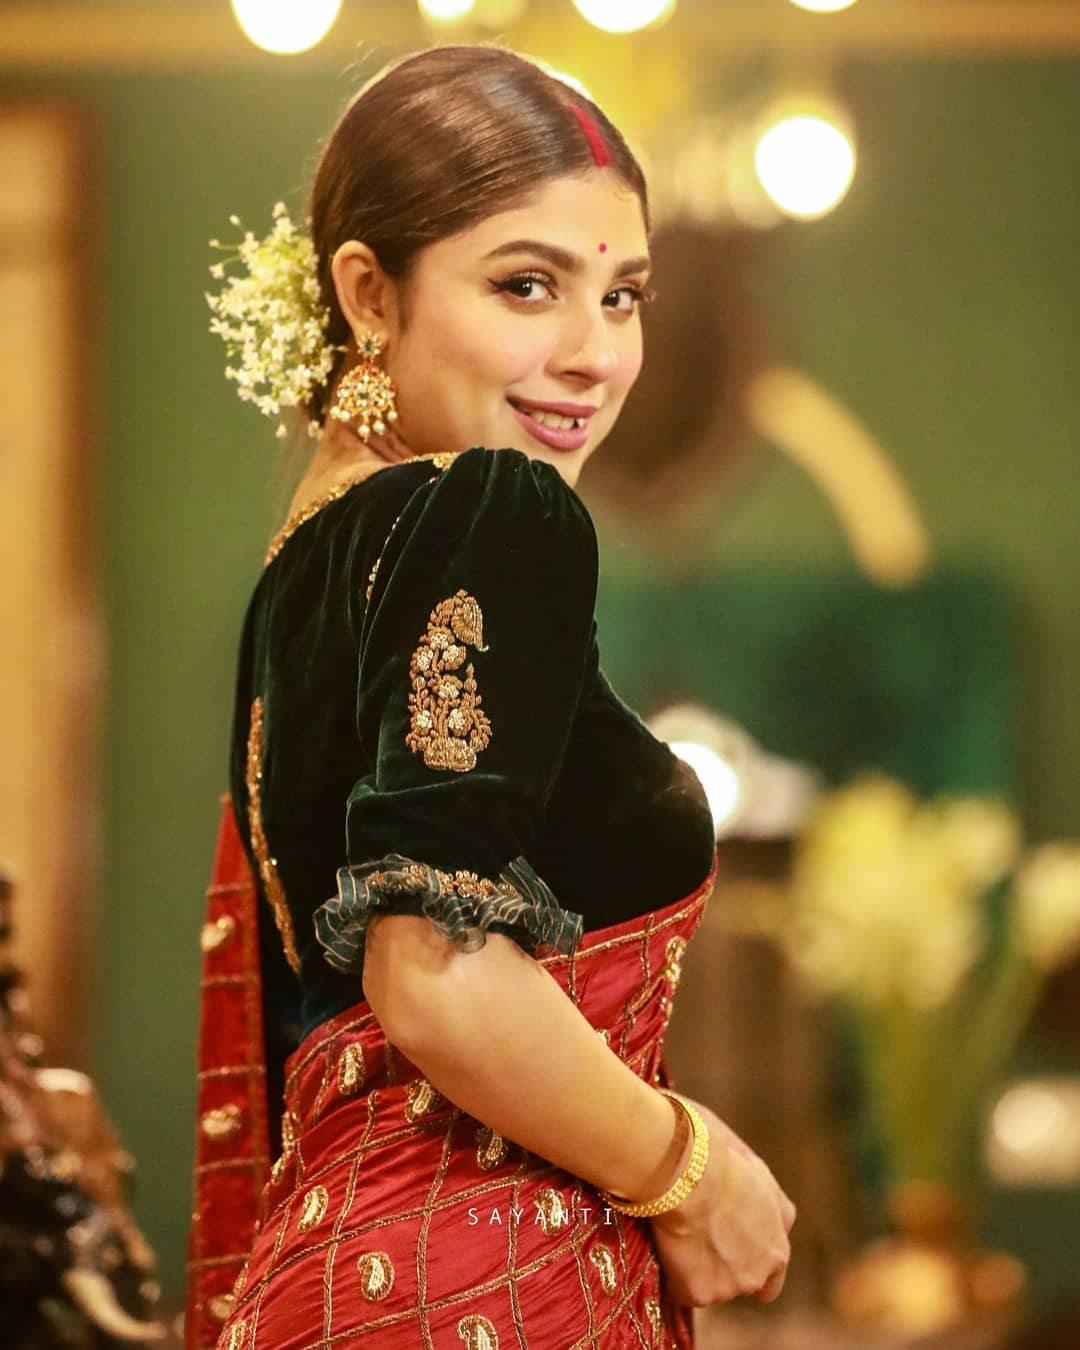 Organza frilled velvet blouse-Sayanti ghosh